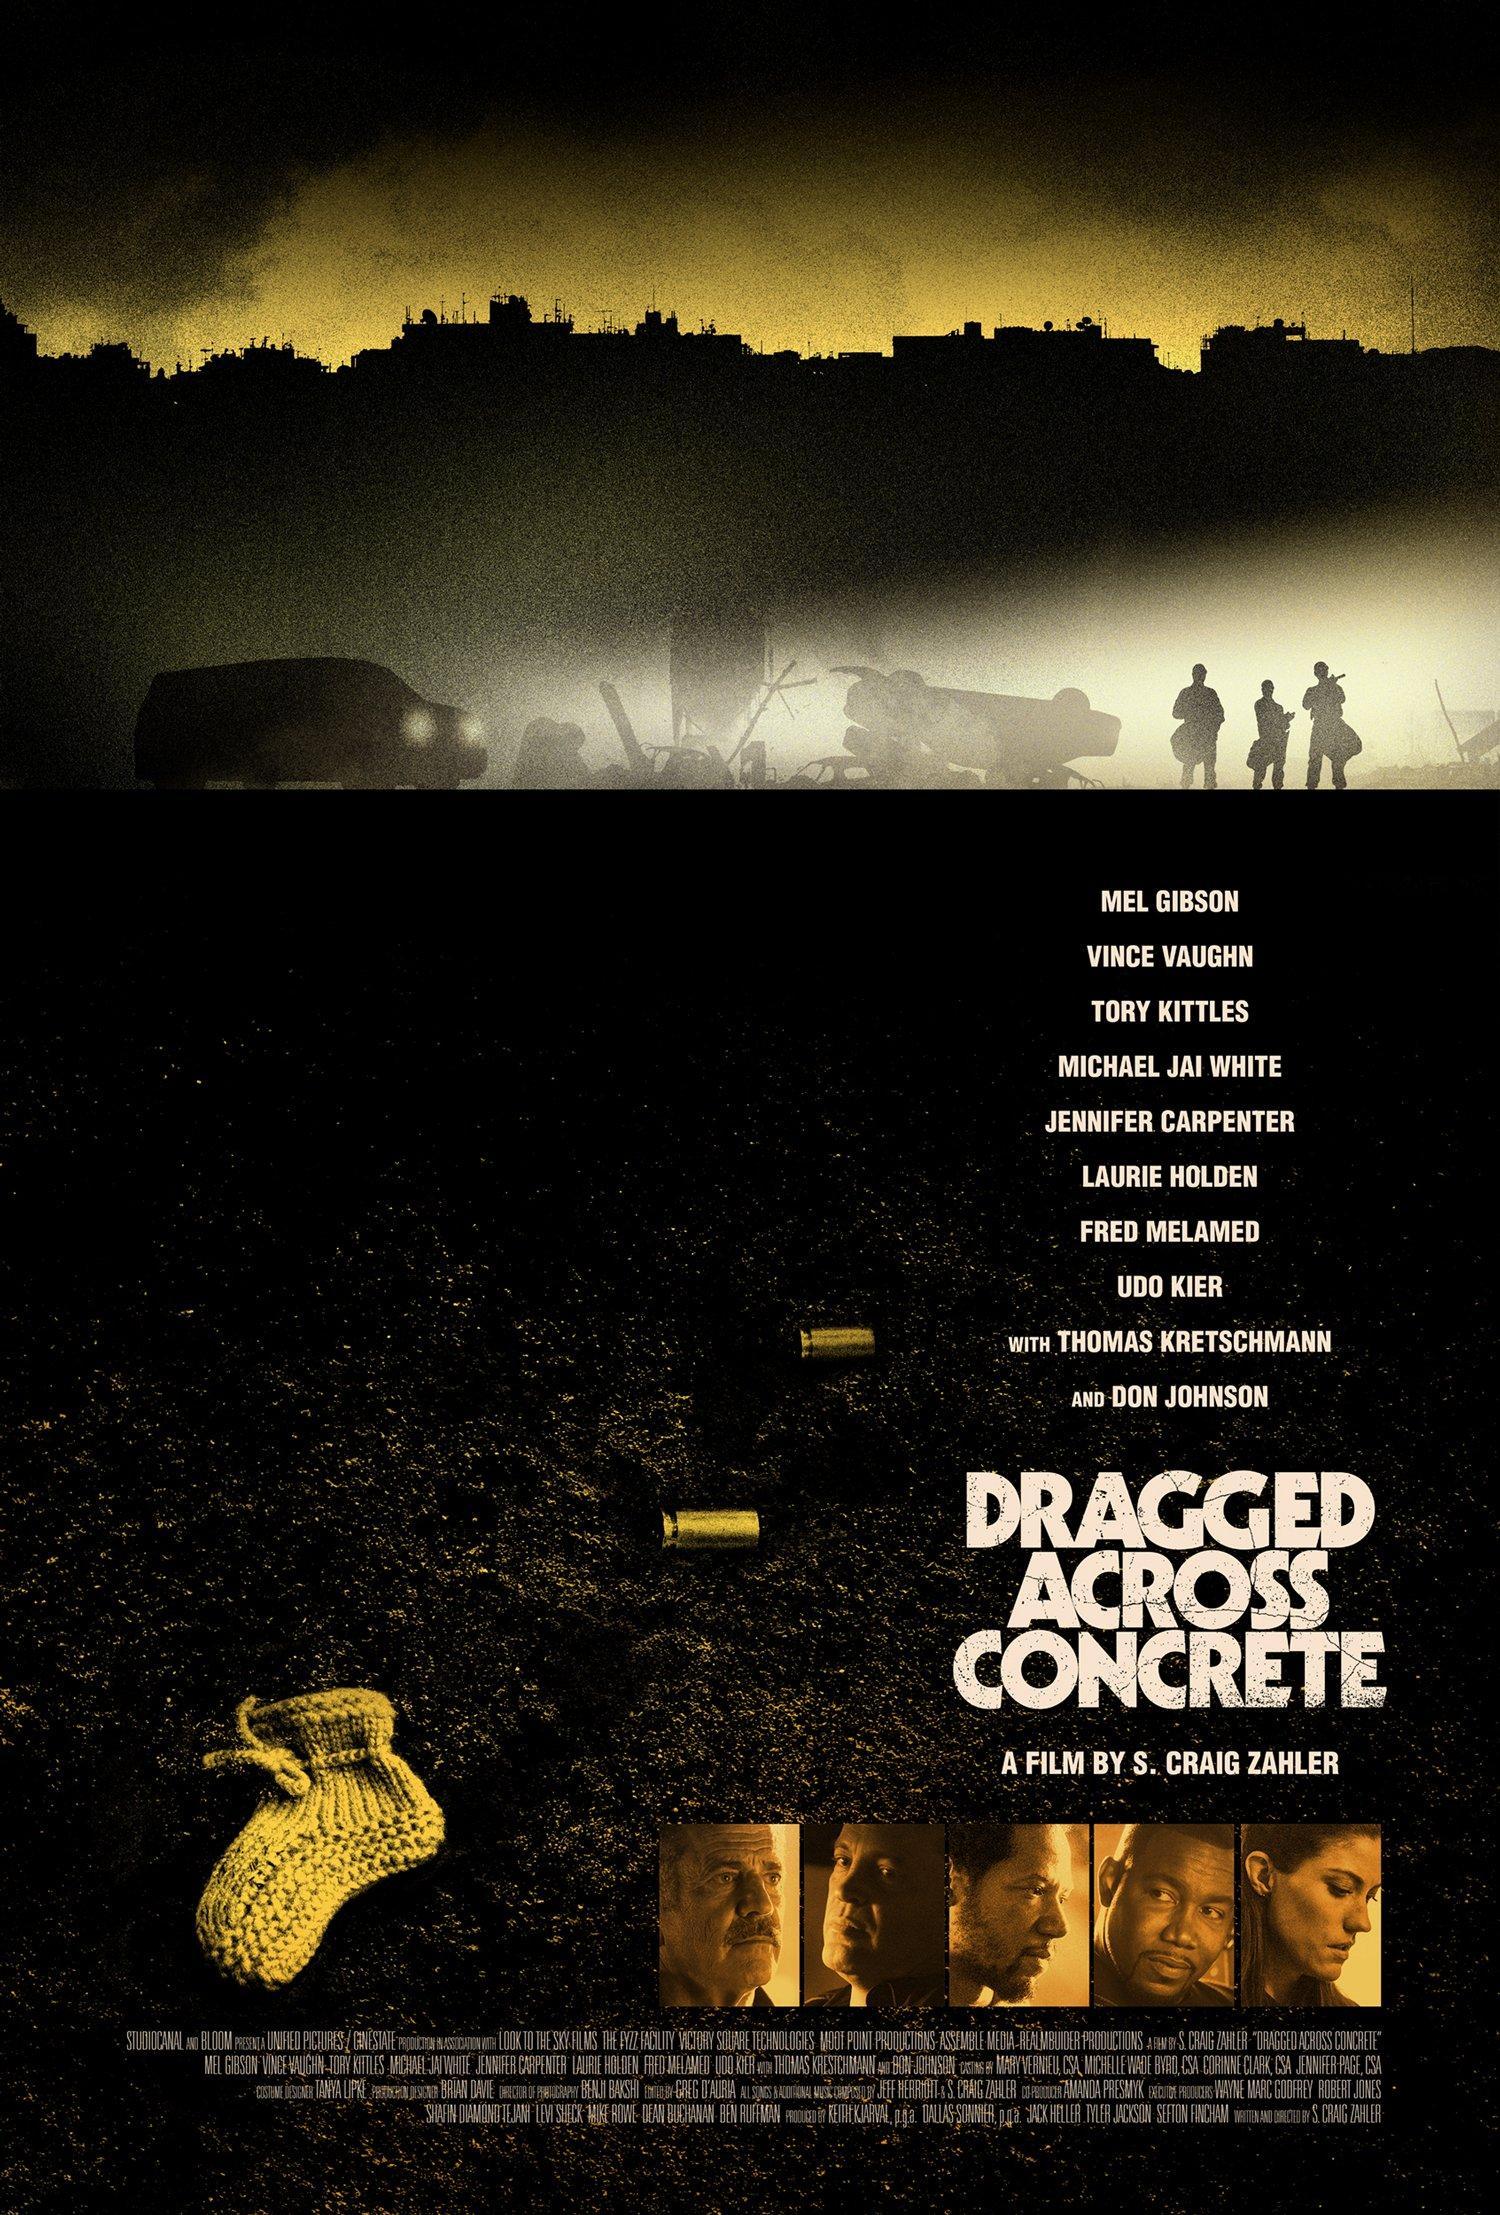 Dragged across concrete de S. Craig Zahler